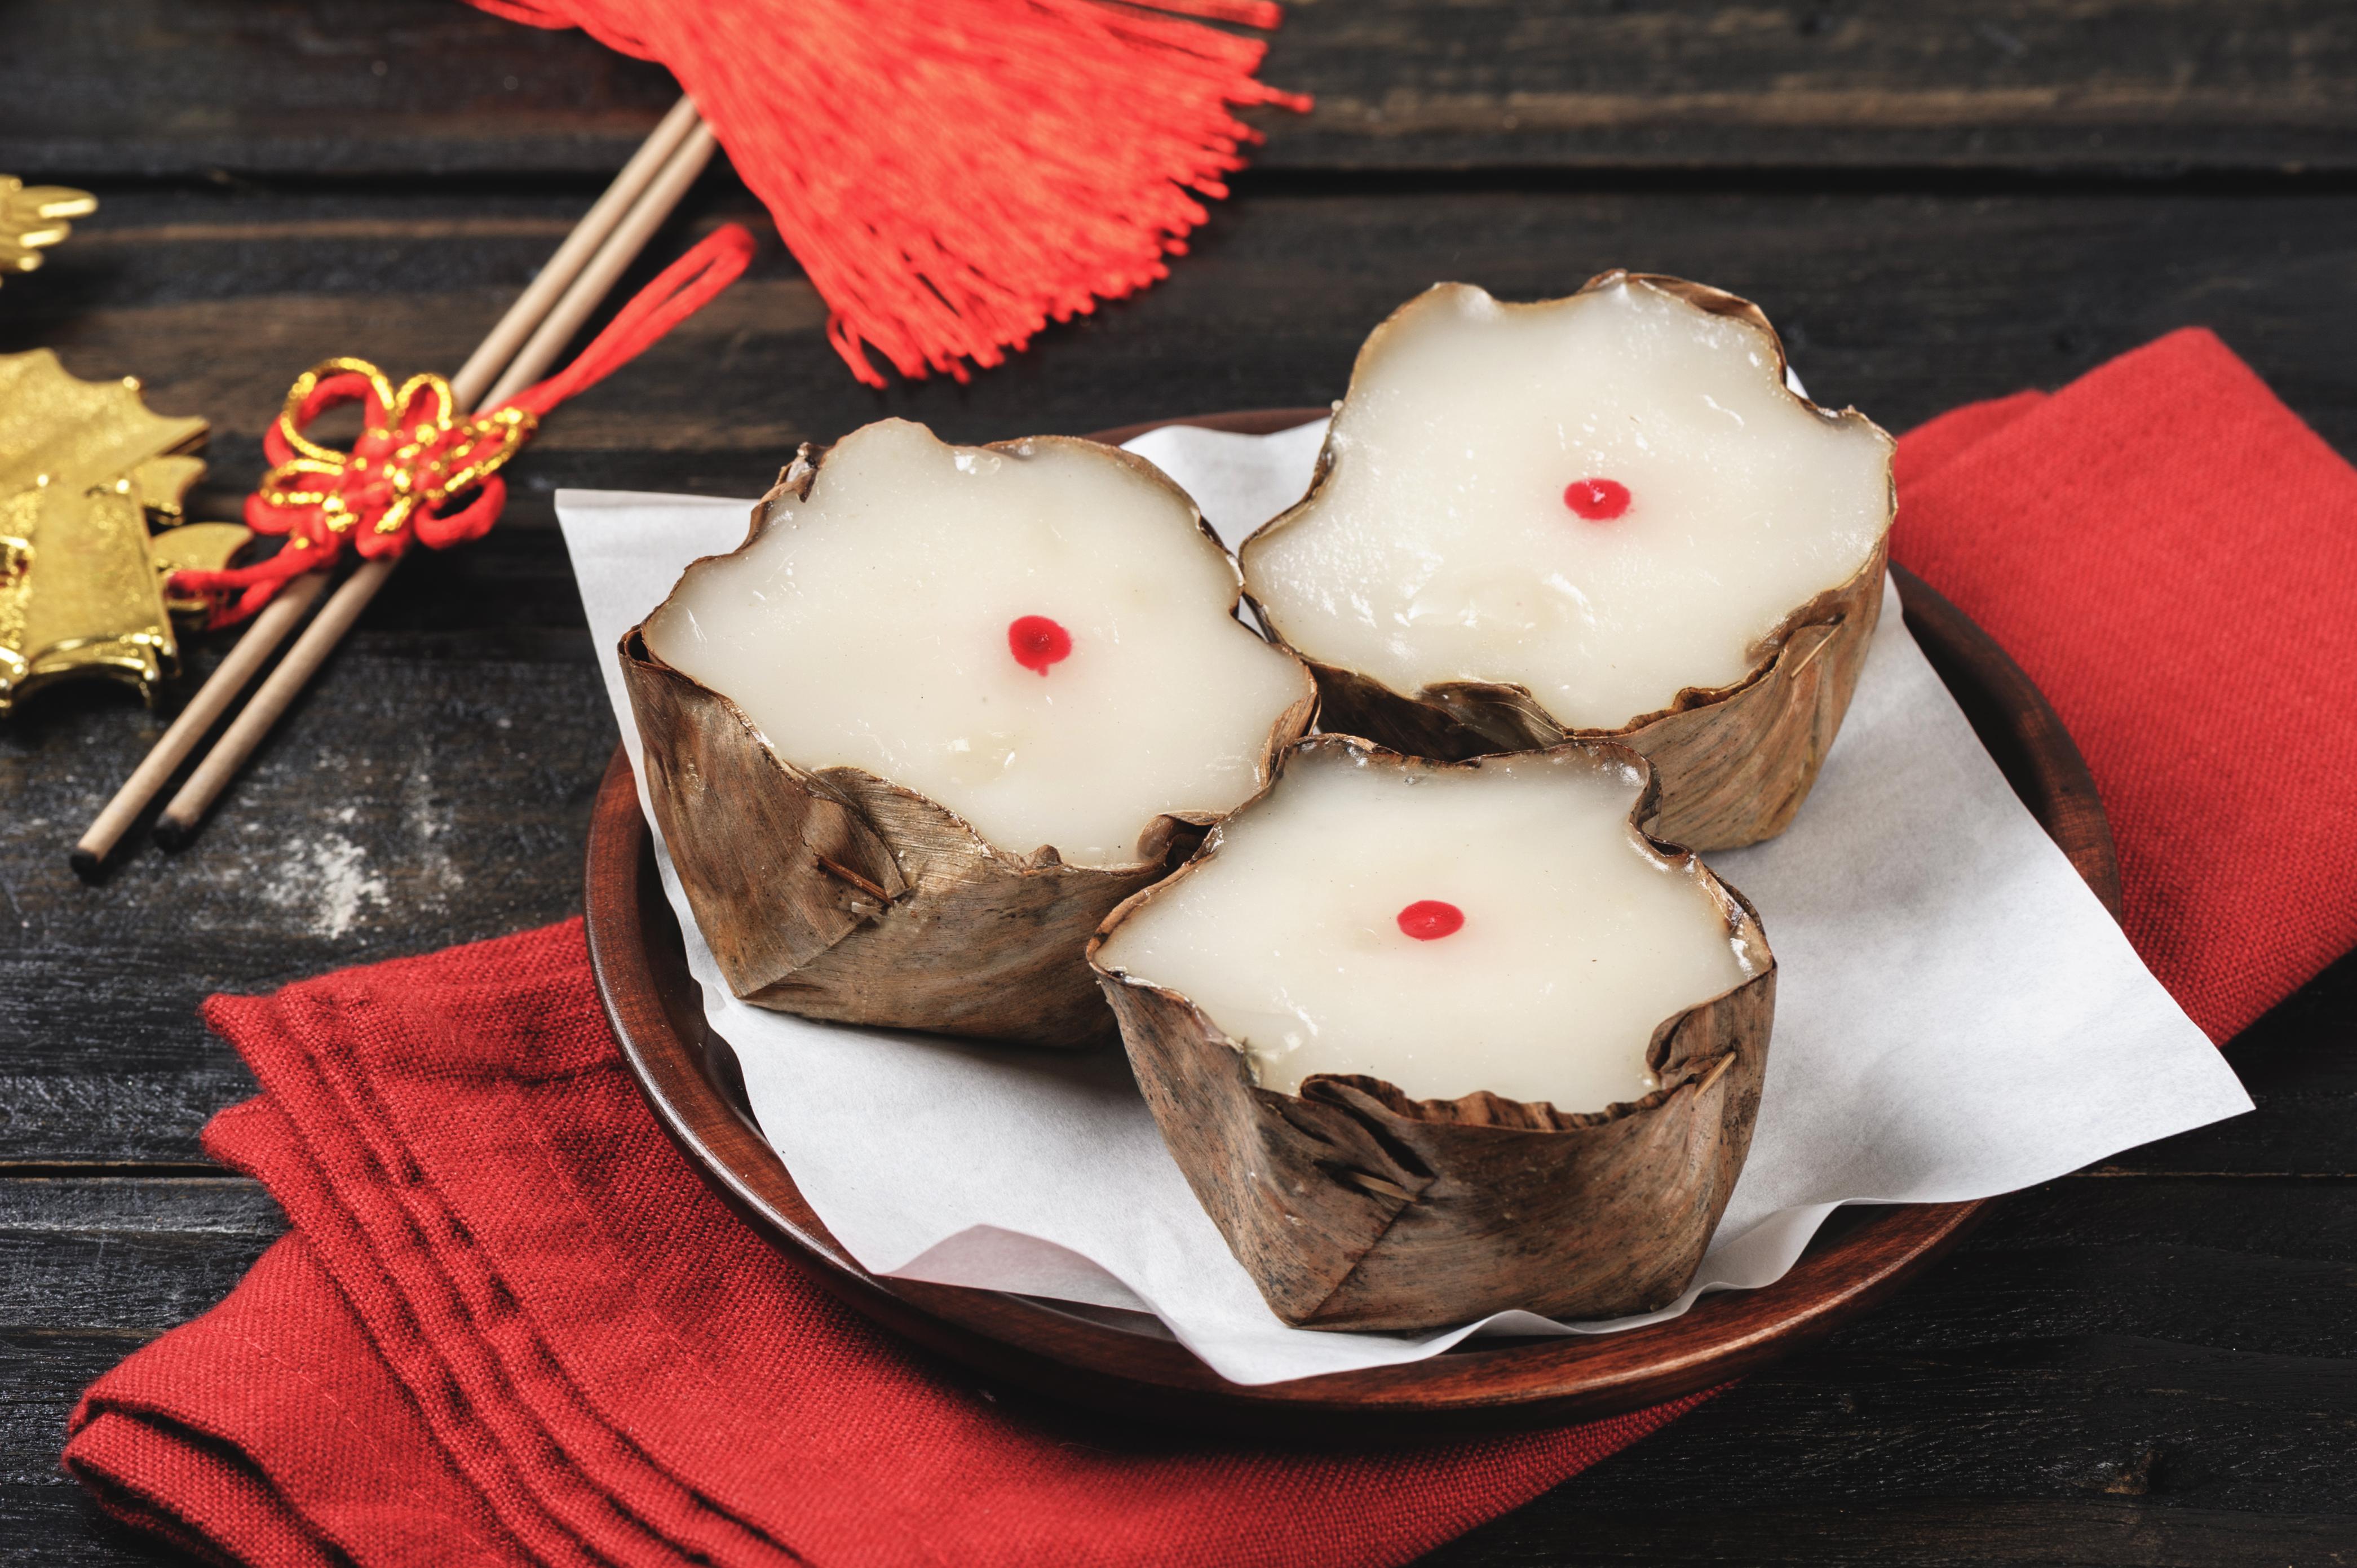 chinese new year desserts chinese new year 2018 - Chinese New Year Desserts